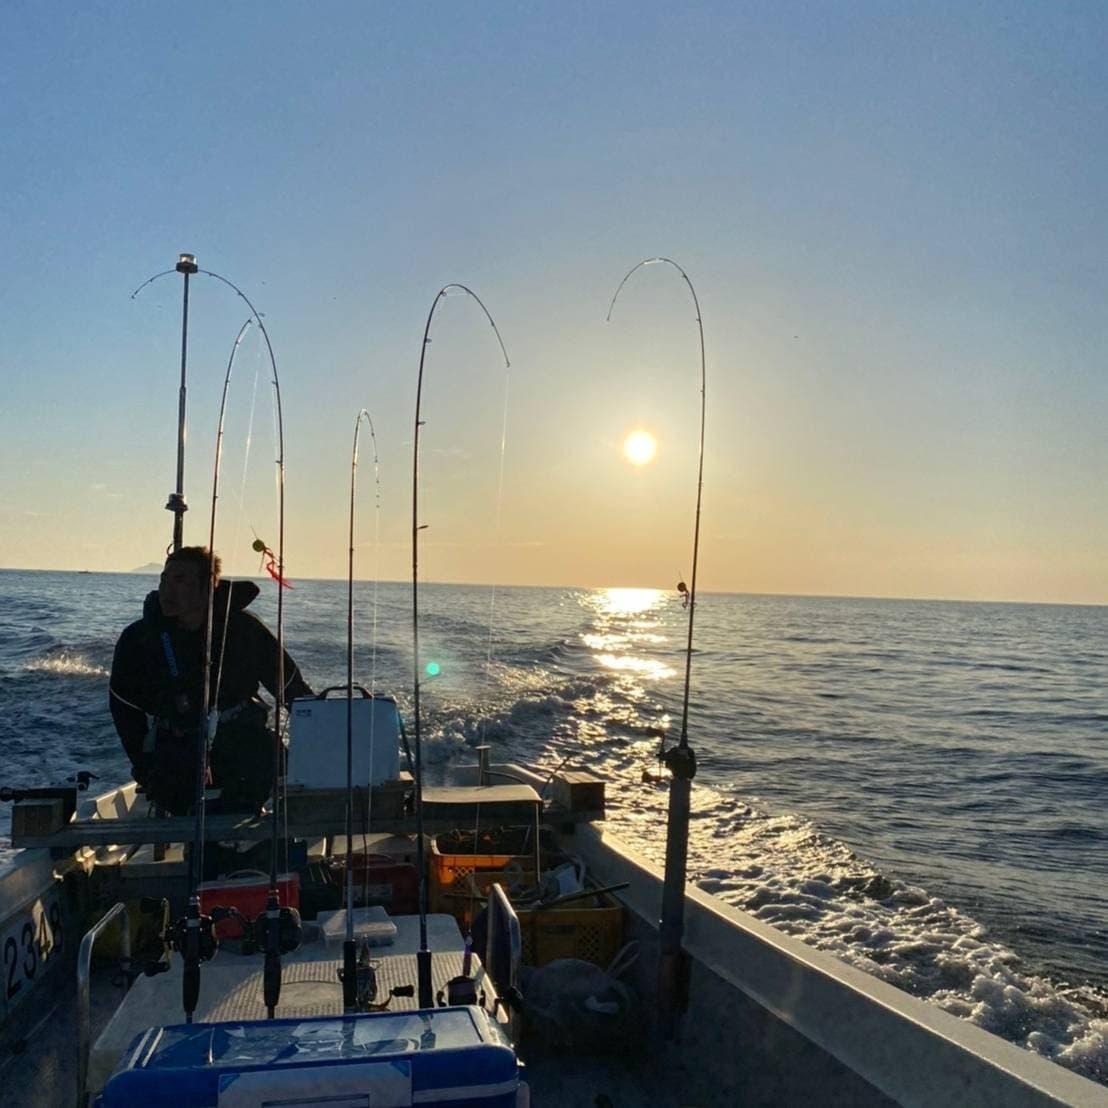 【チャーターMAX12時間対応コース】 遊漁船  乗船チケット(1名様分)    ※2名様より出船します   (最大4名様まで)のイメージその1